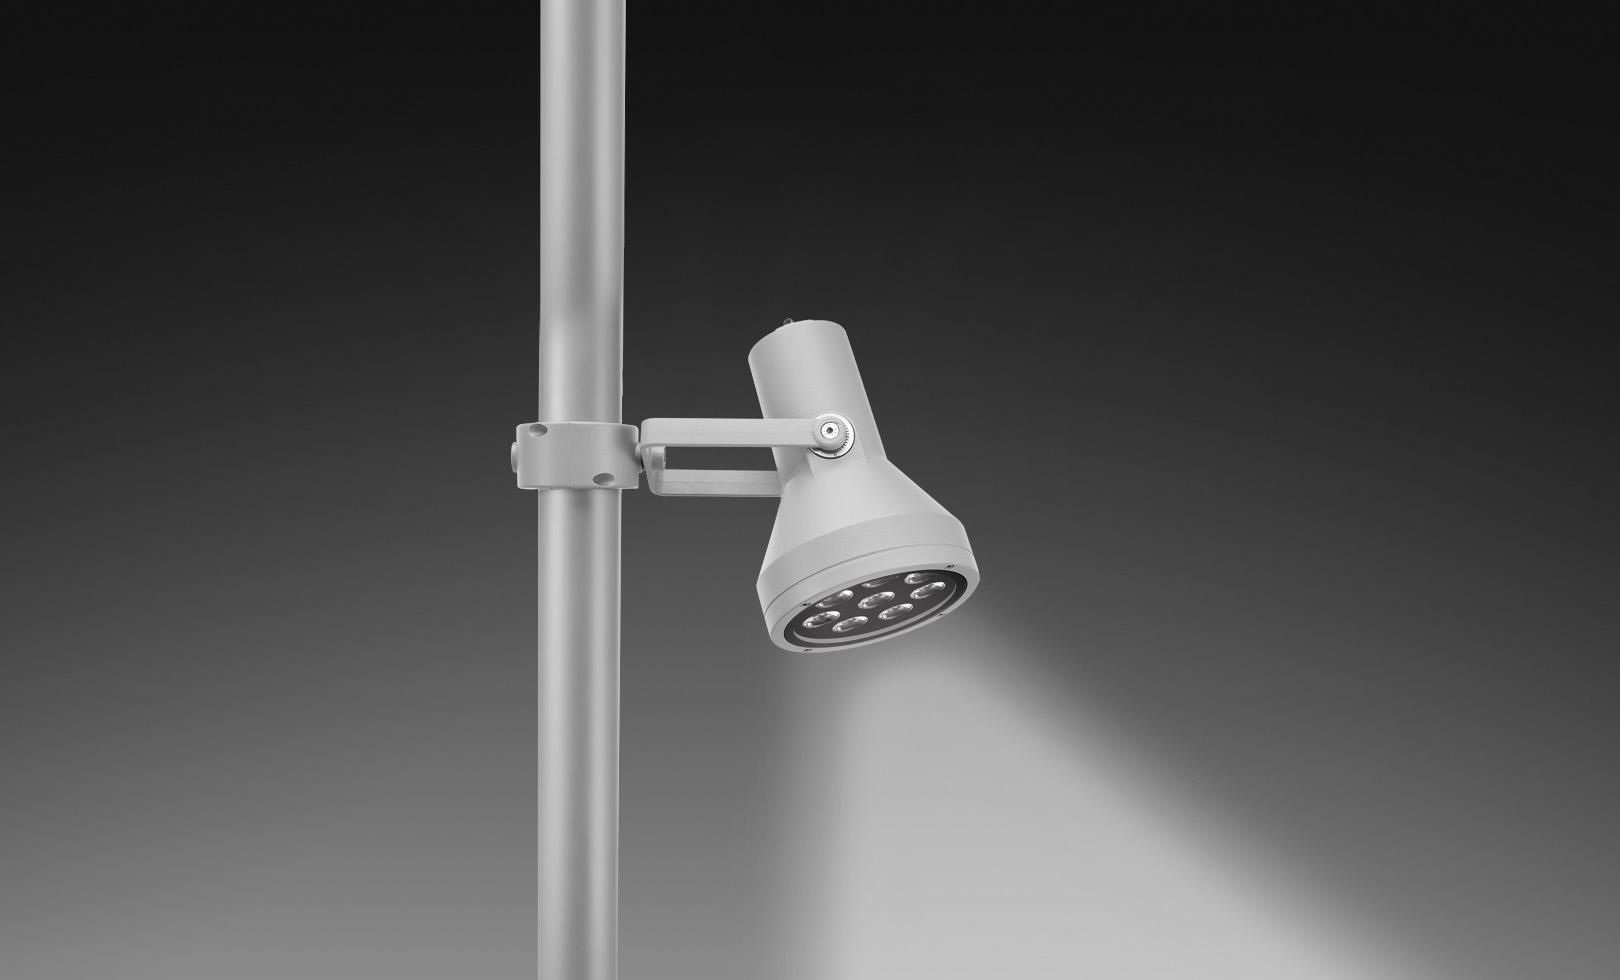 805003-805007 FLASH POLE MAXI LED 12W 1